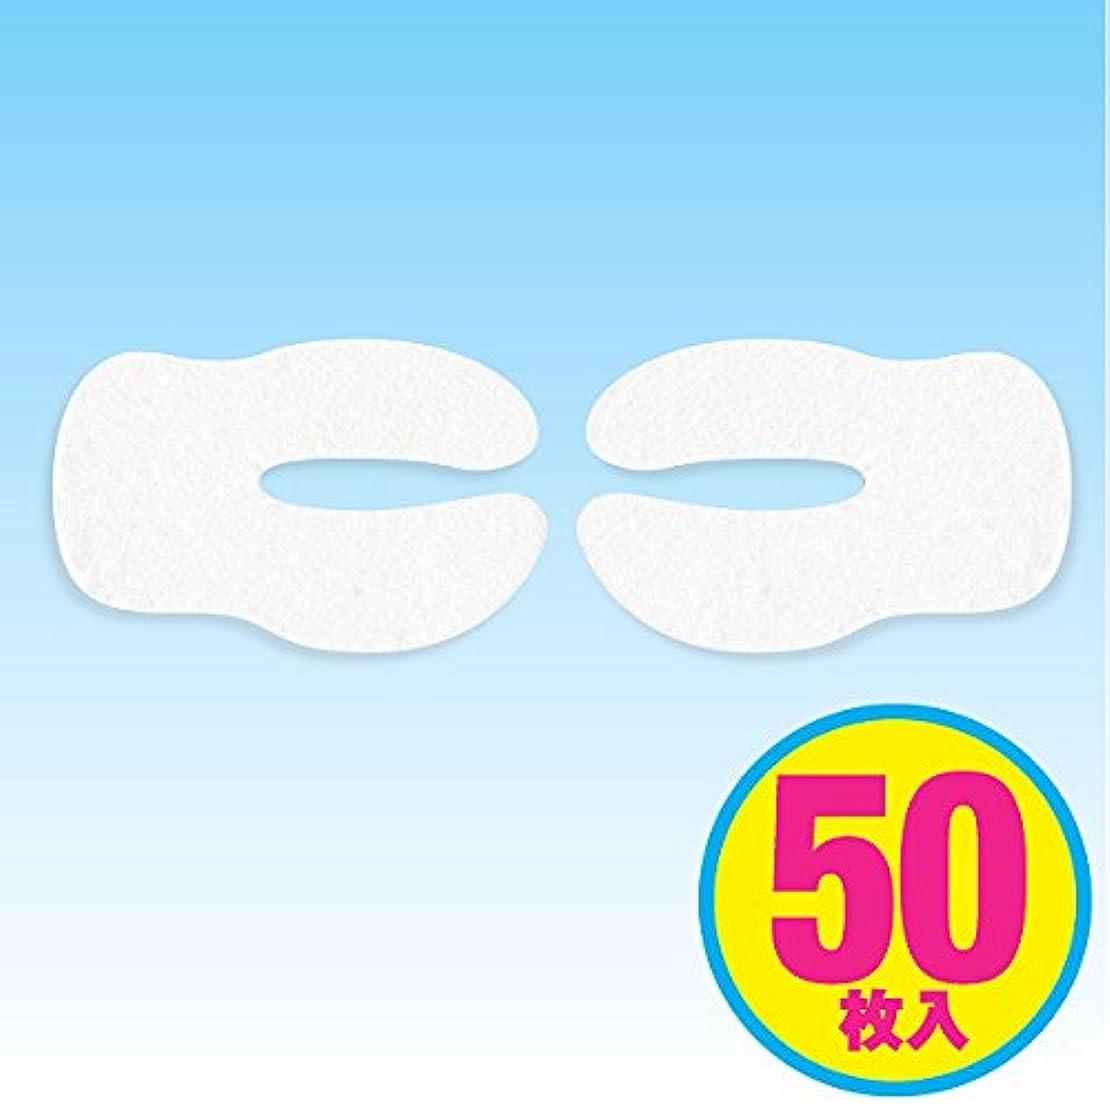 誘導清める書く気になる目尻周辺をサポート【Cゾーンシート】業務用50枚入/お気に入りの化粧水?美容液でローションパックを